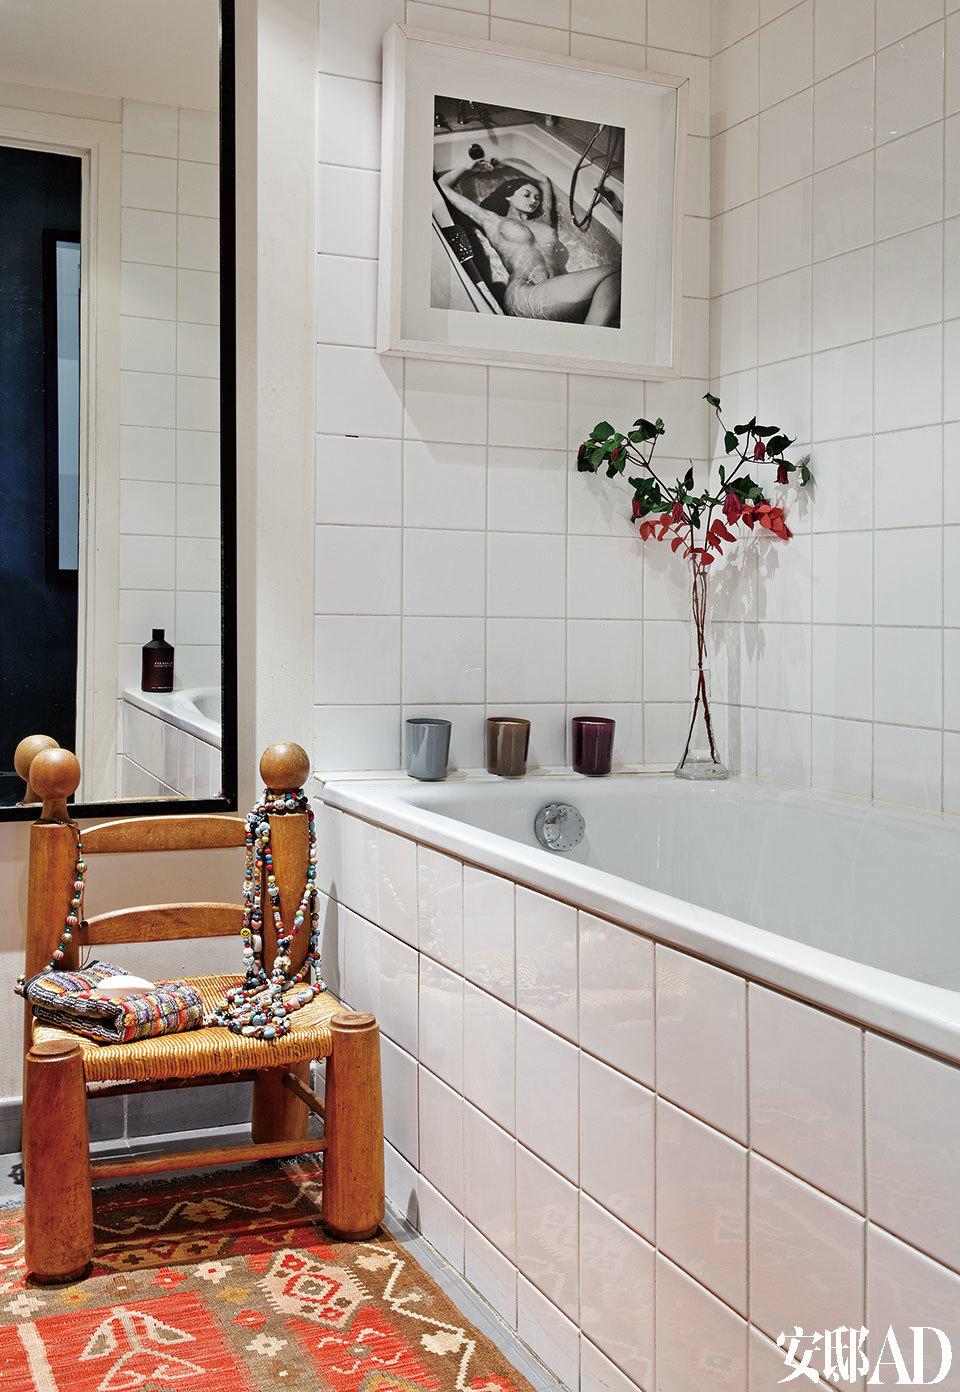 浴室充满着异域风情。椅子上放置着旅游时带回来的项链。Véronique Vial的摄影作品诉说着沐浴的时光。还有Karine Garillon为Sol Y Flor设计的花卉作品以及Gilles Dewavrin的蜡烛和Ex Voto的沐浴盐,都为沐浴增加了许多情趣。